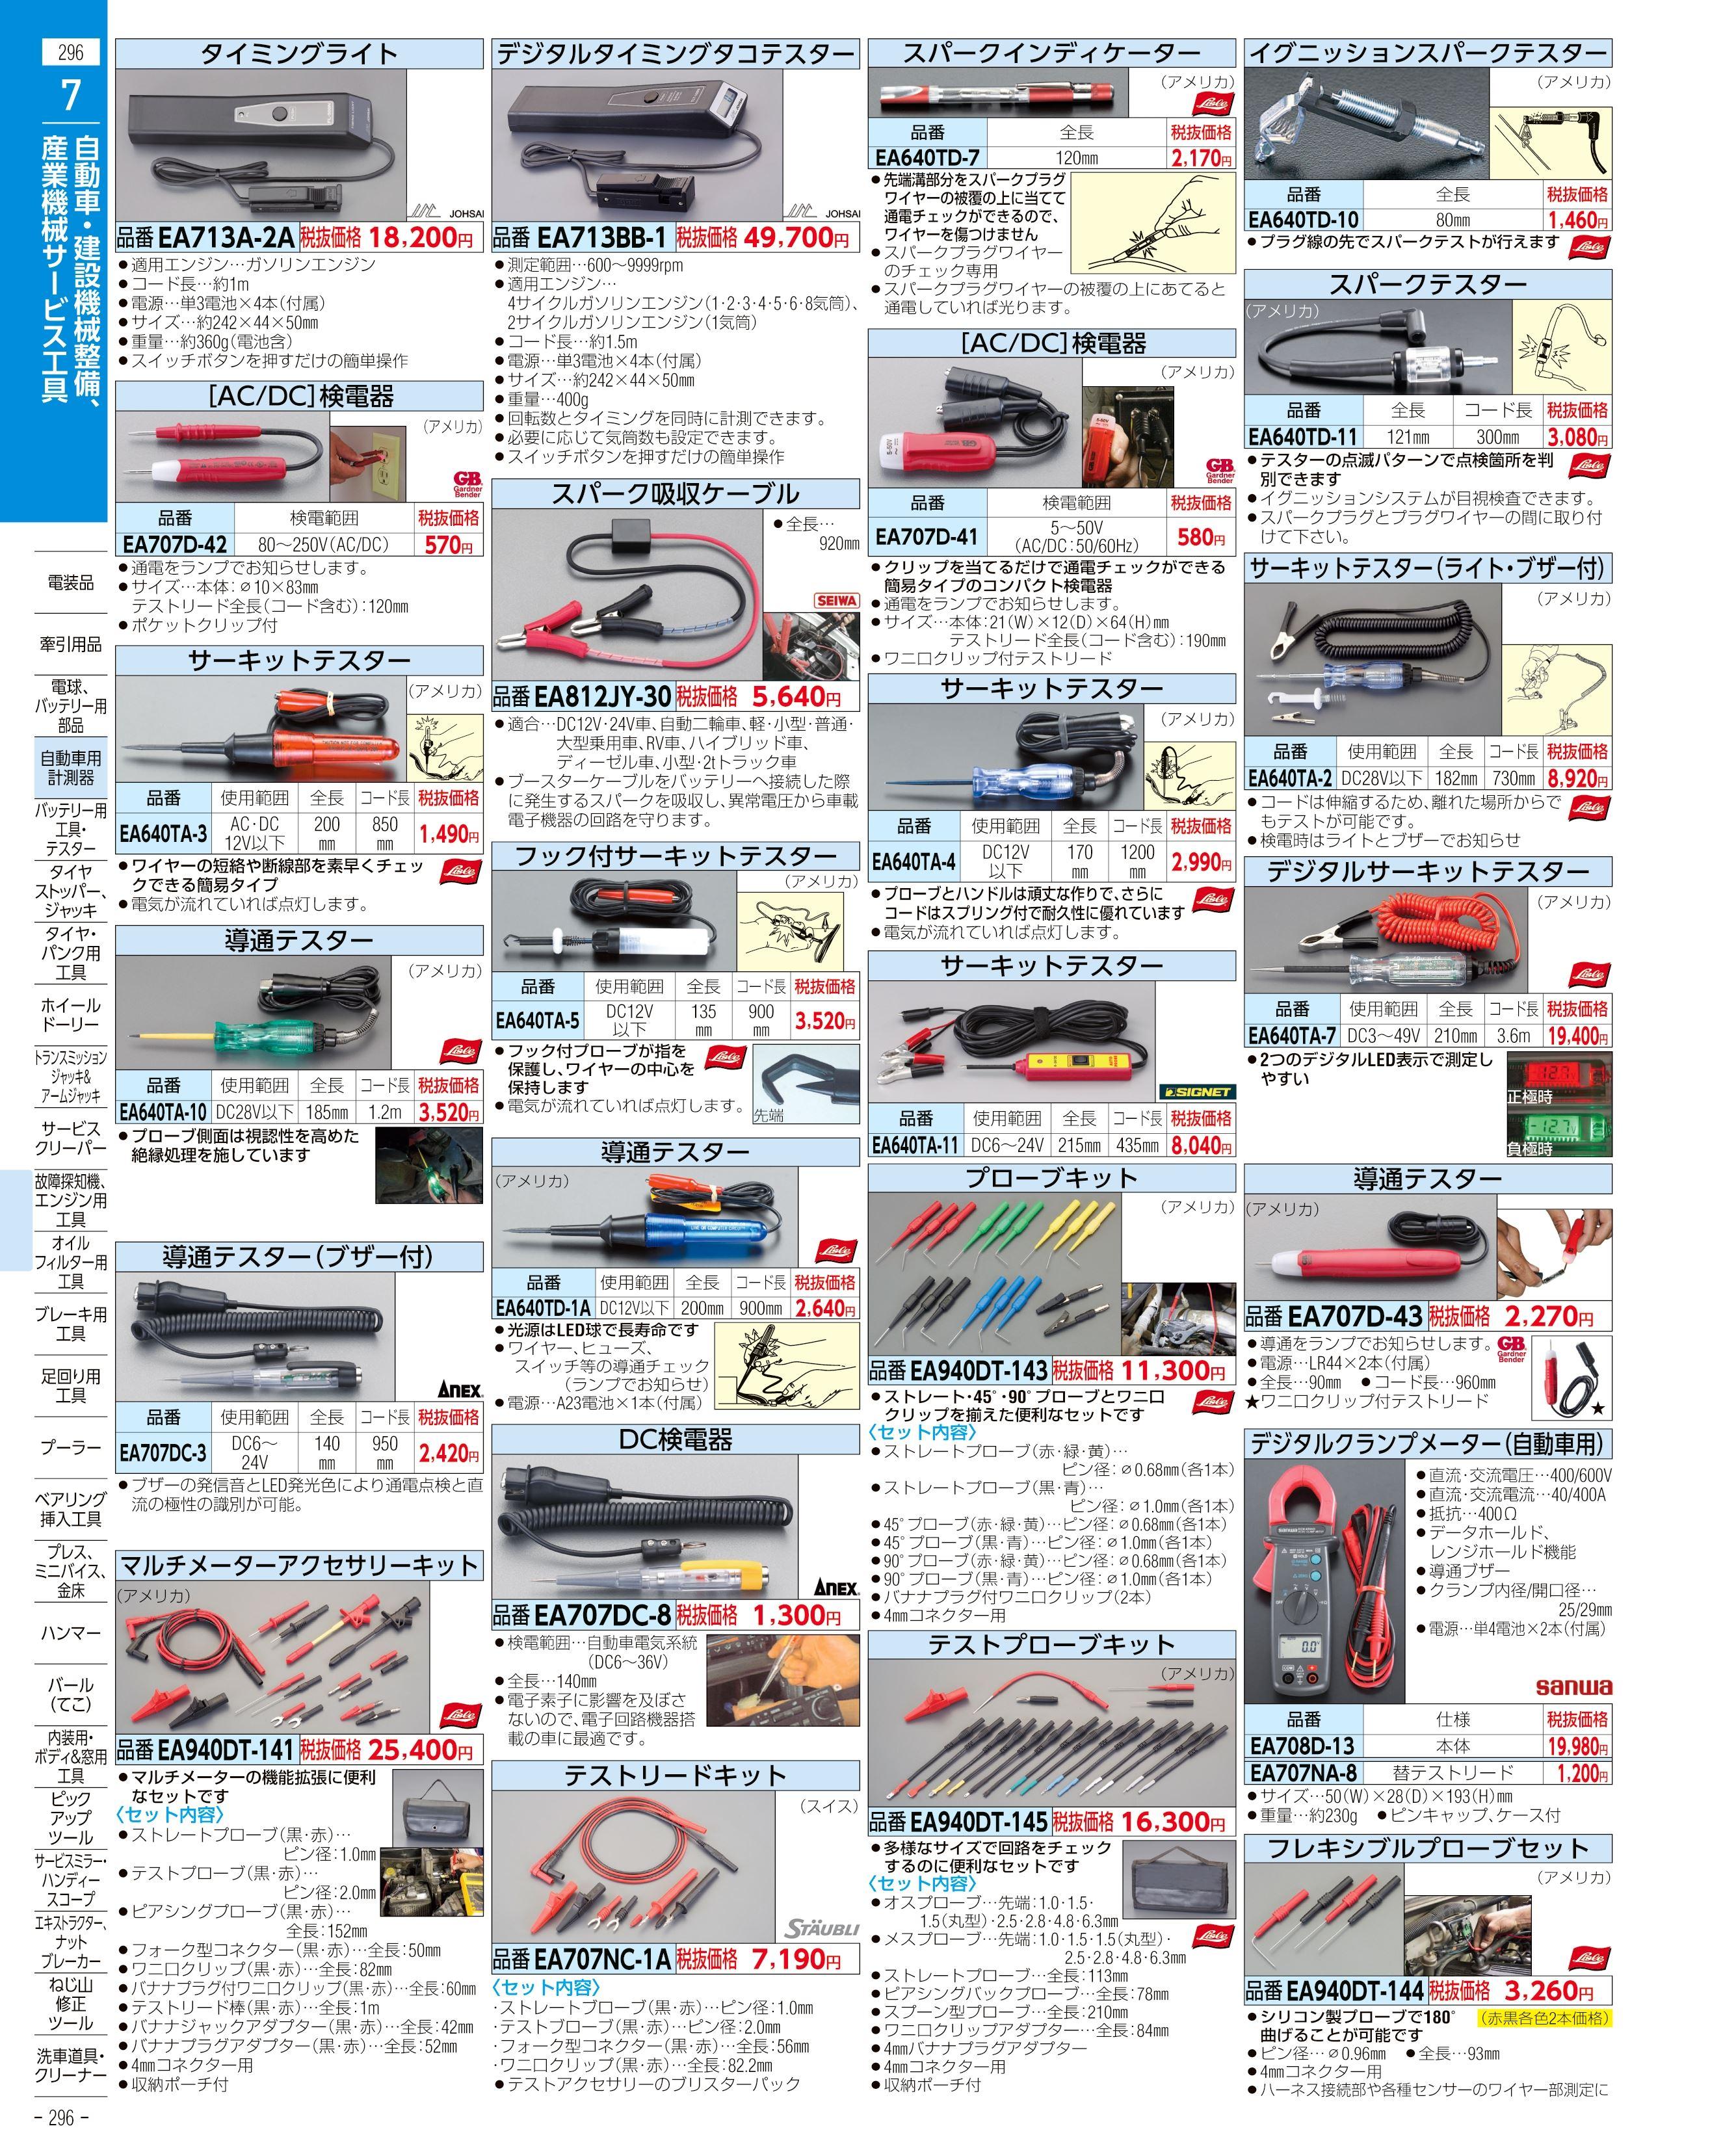 エスコ便利カタログ296ページ